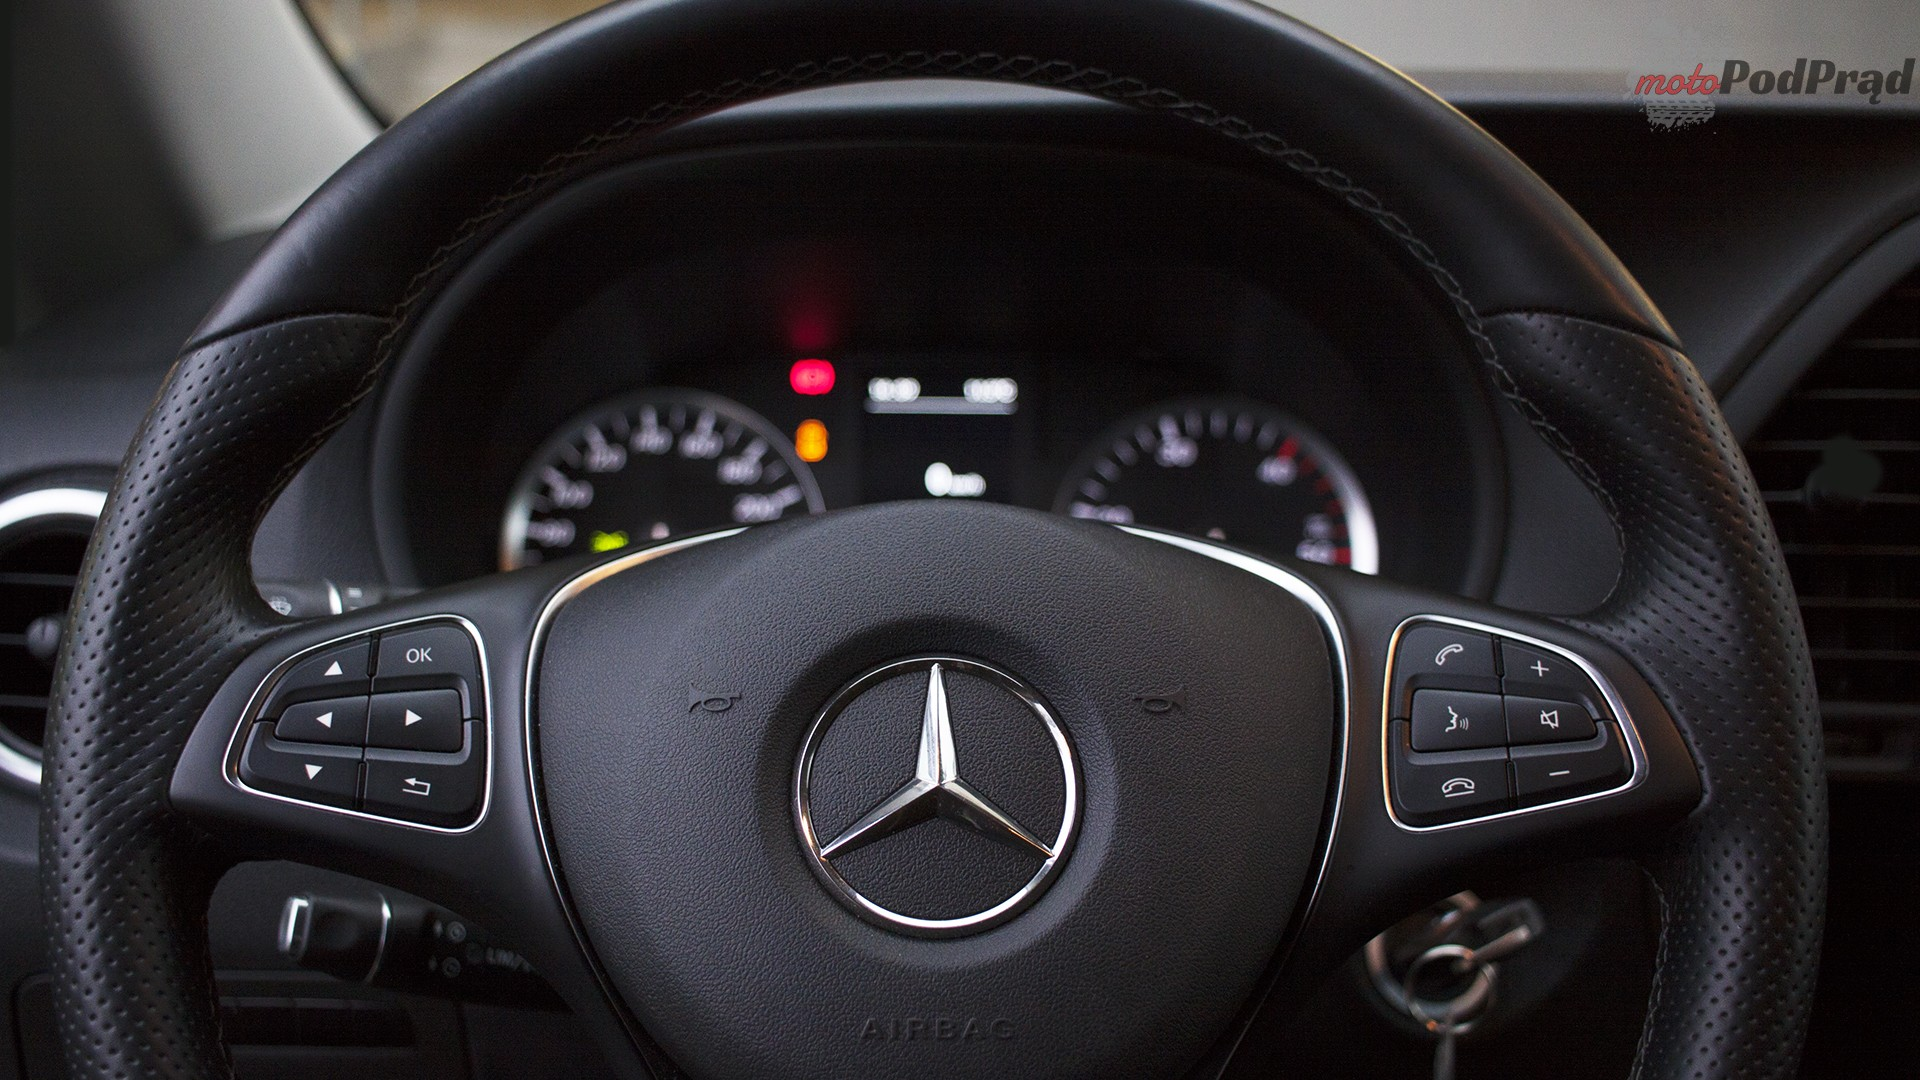 11 1 Test: Mercedes Vito furgon 111 CDI 4x2   blaszak z charakterem